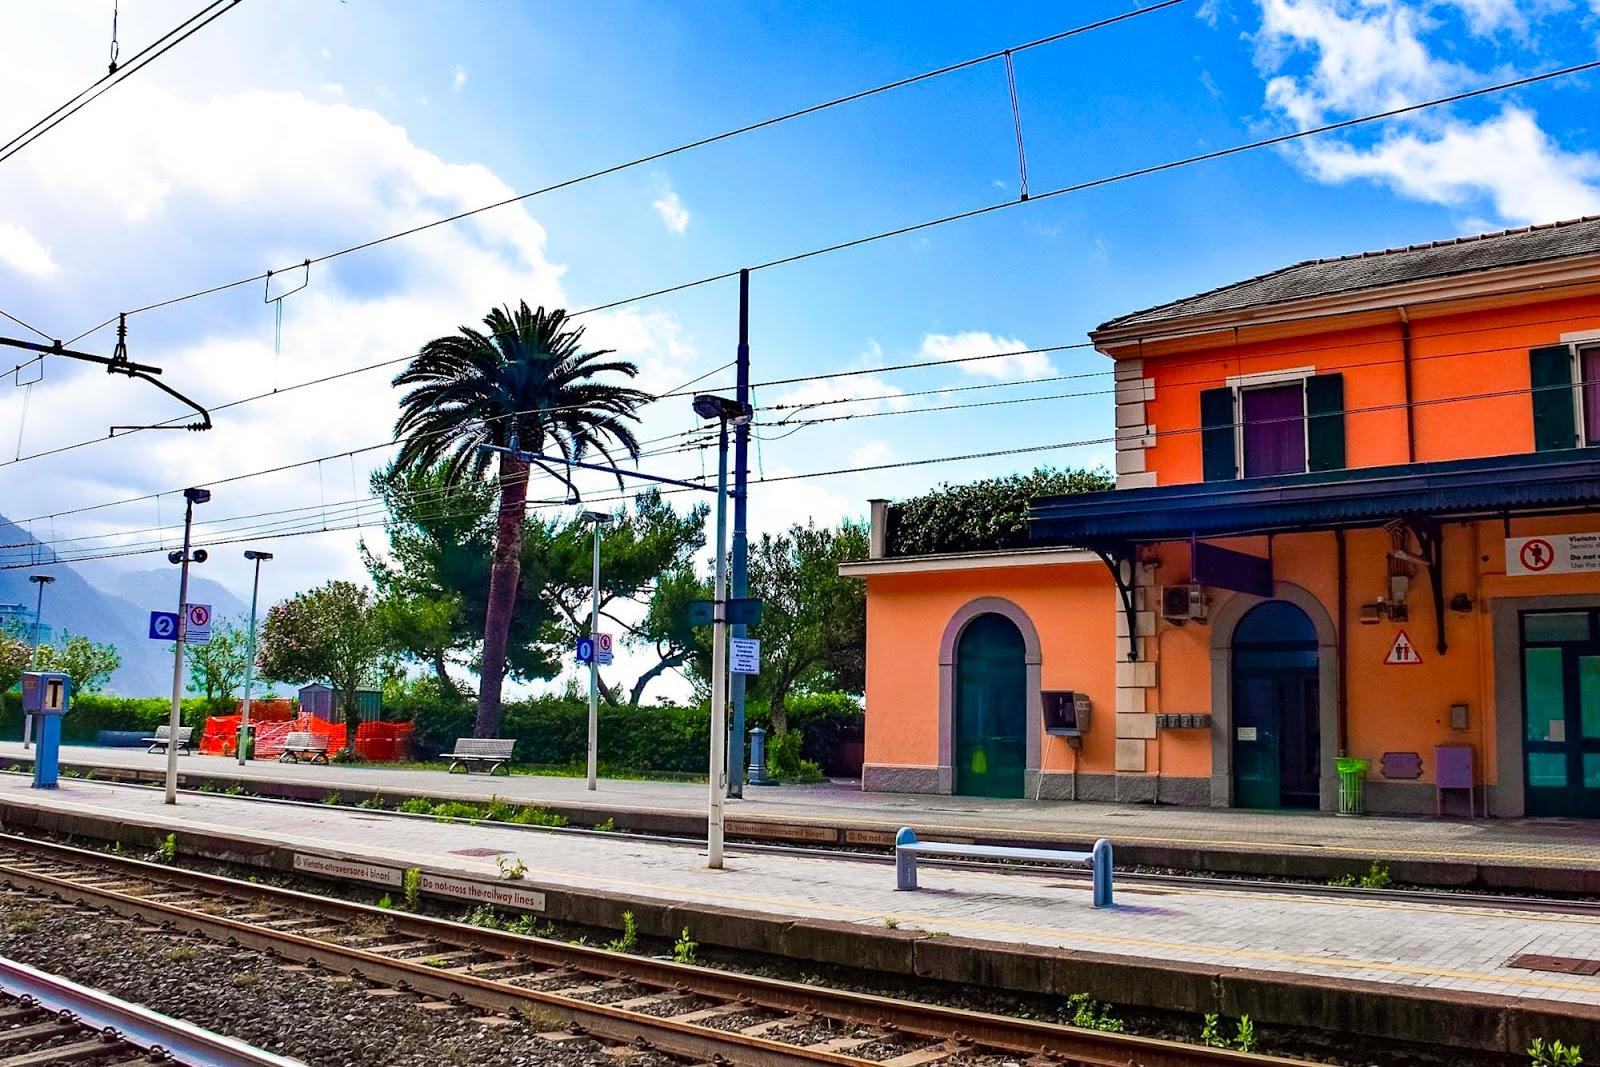 cinque terre train station